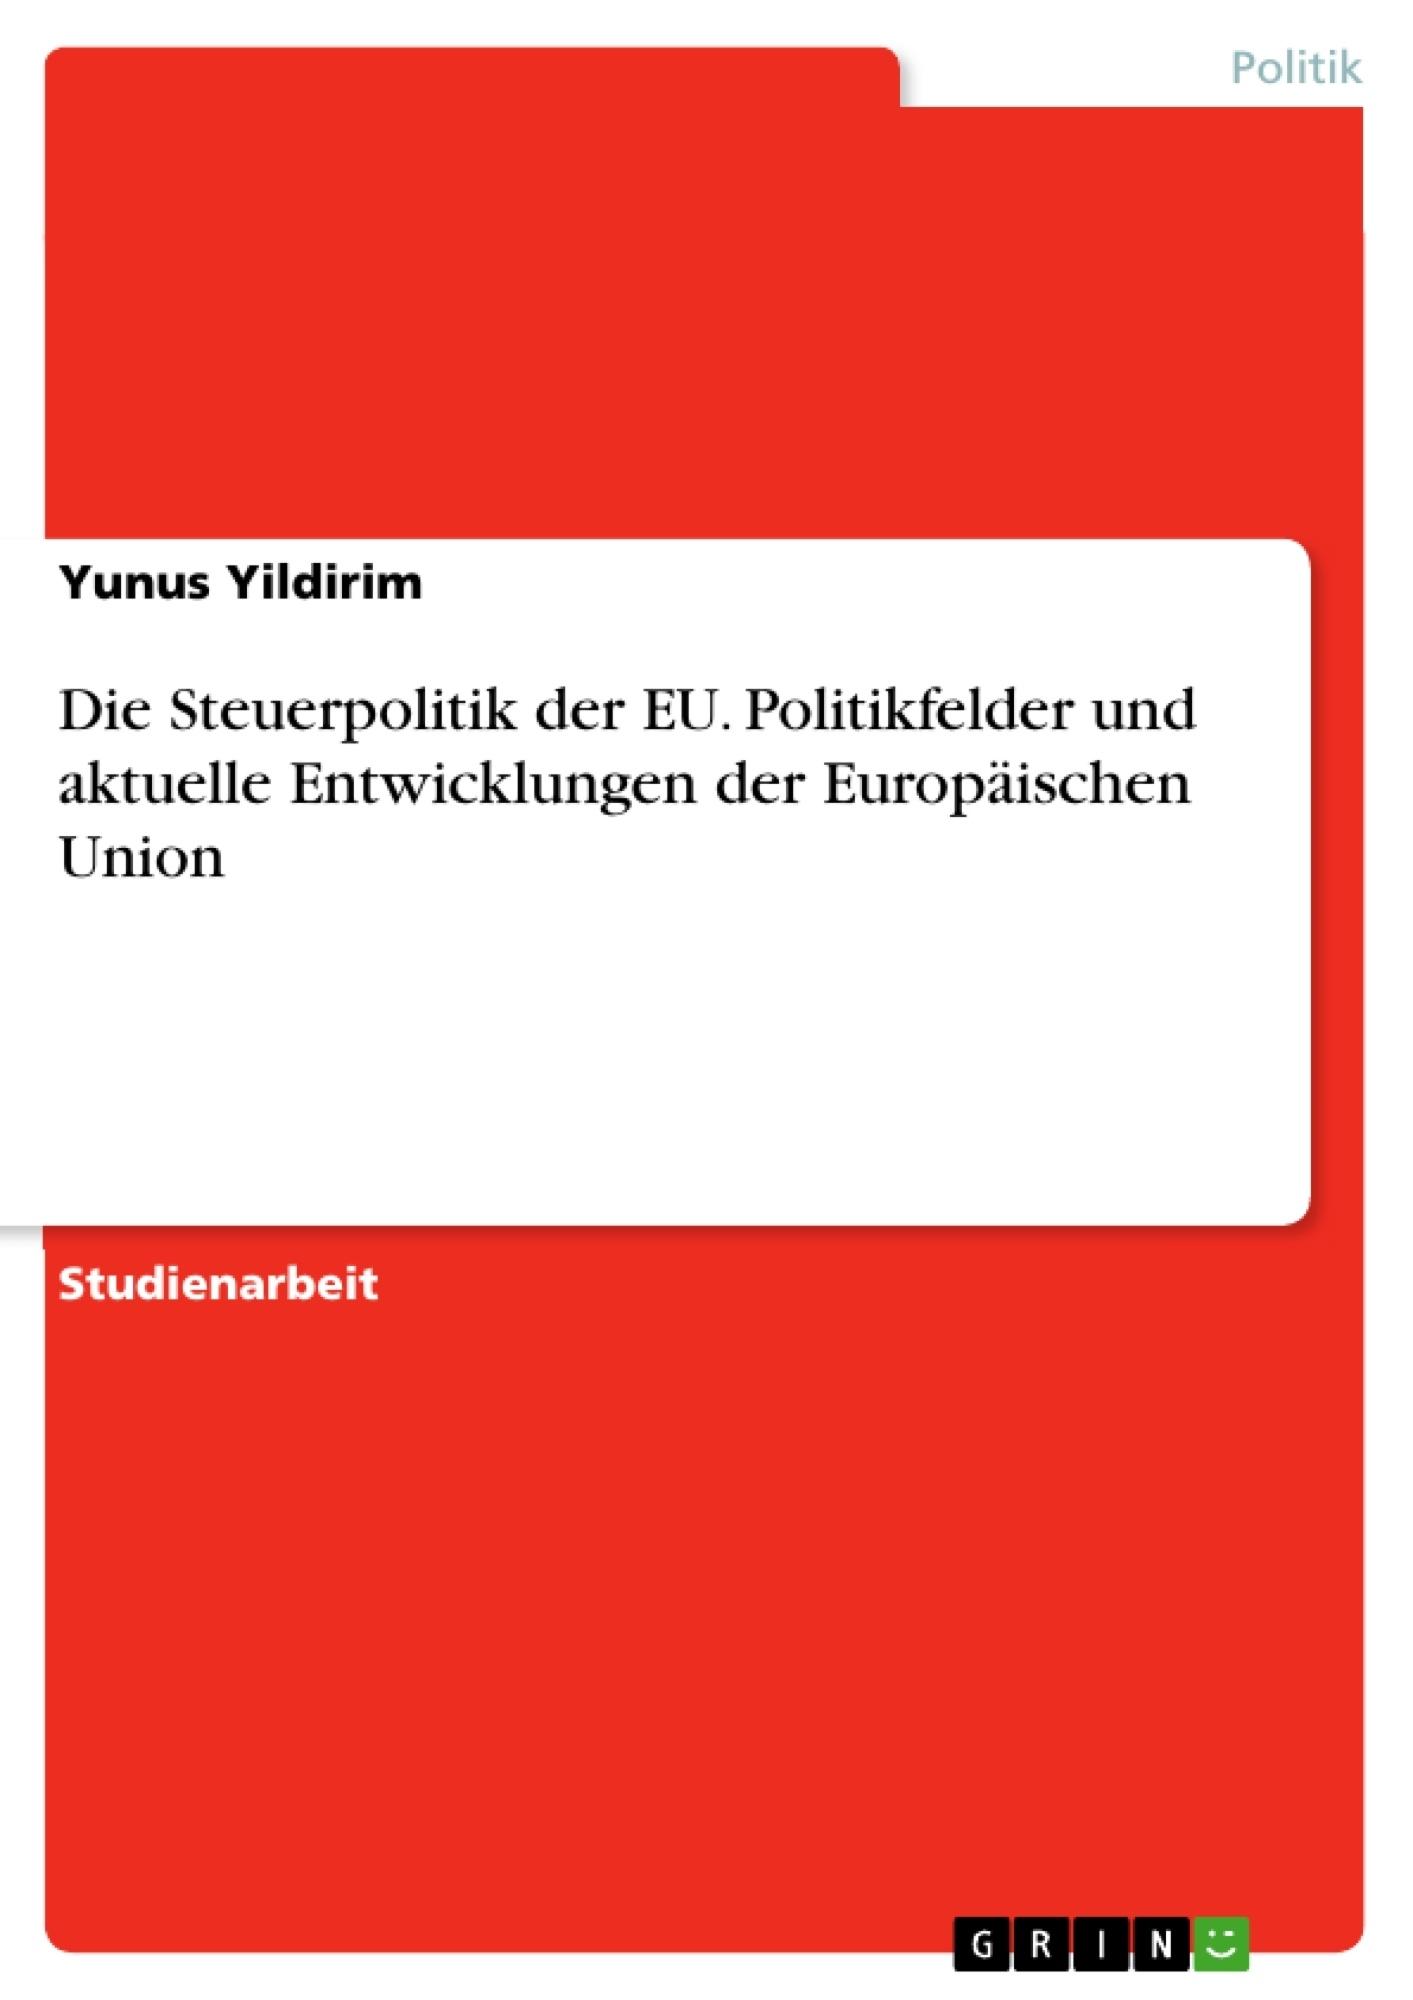 Titel: Die Steuerpolitik der EU. Politikfelder und aktuelle Entwicklungen der Europäischen Union